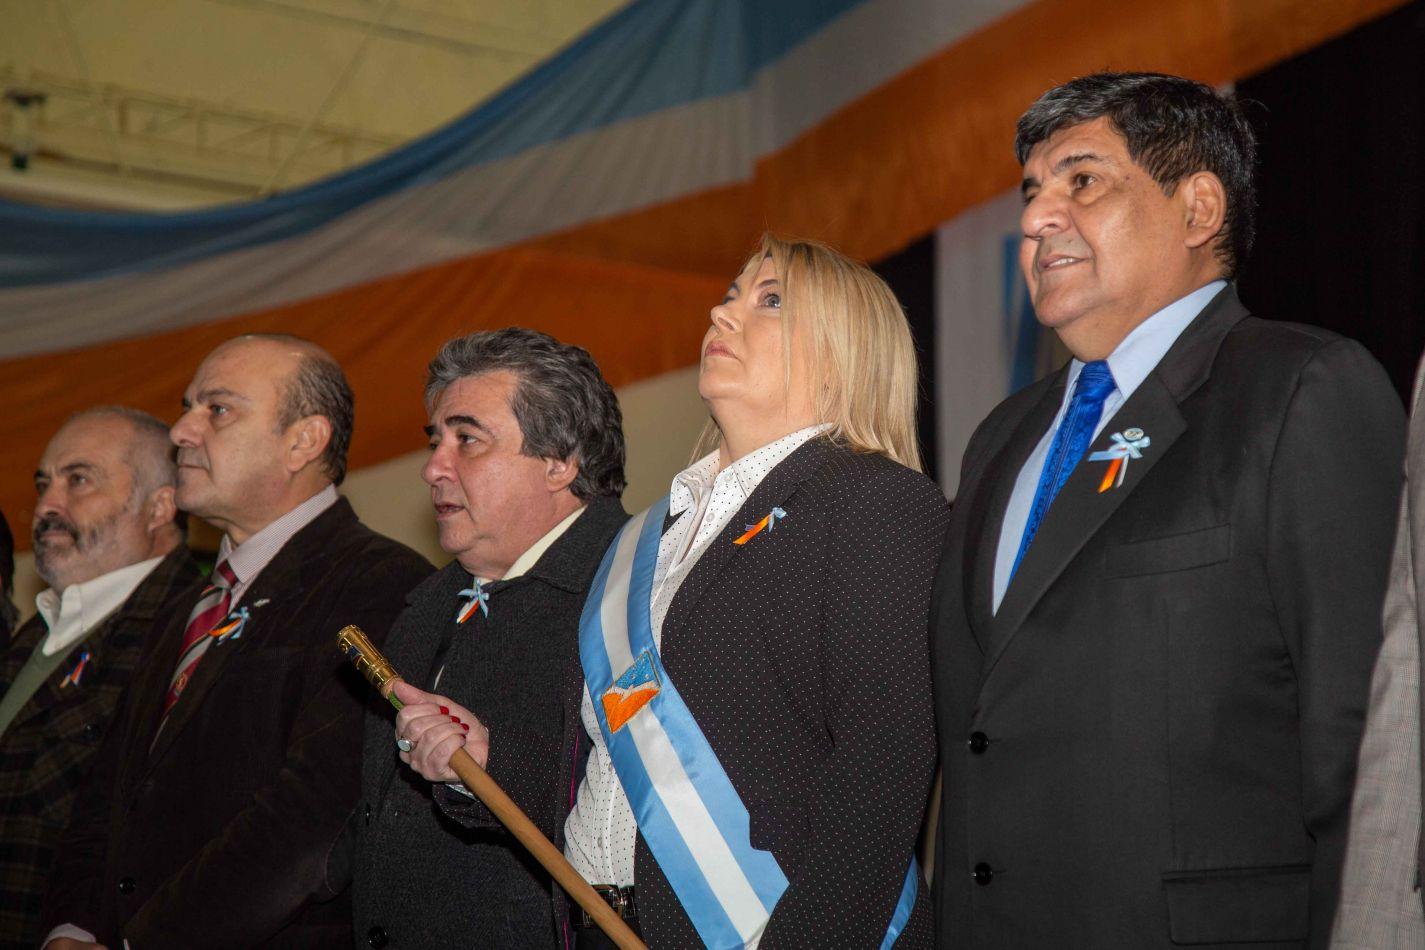 La gobernadora encabezó el acto por el  28° aniversario de la jura de la Constitución Provincial